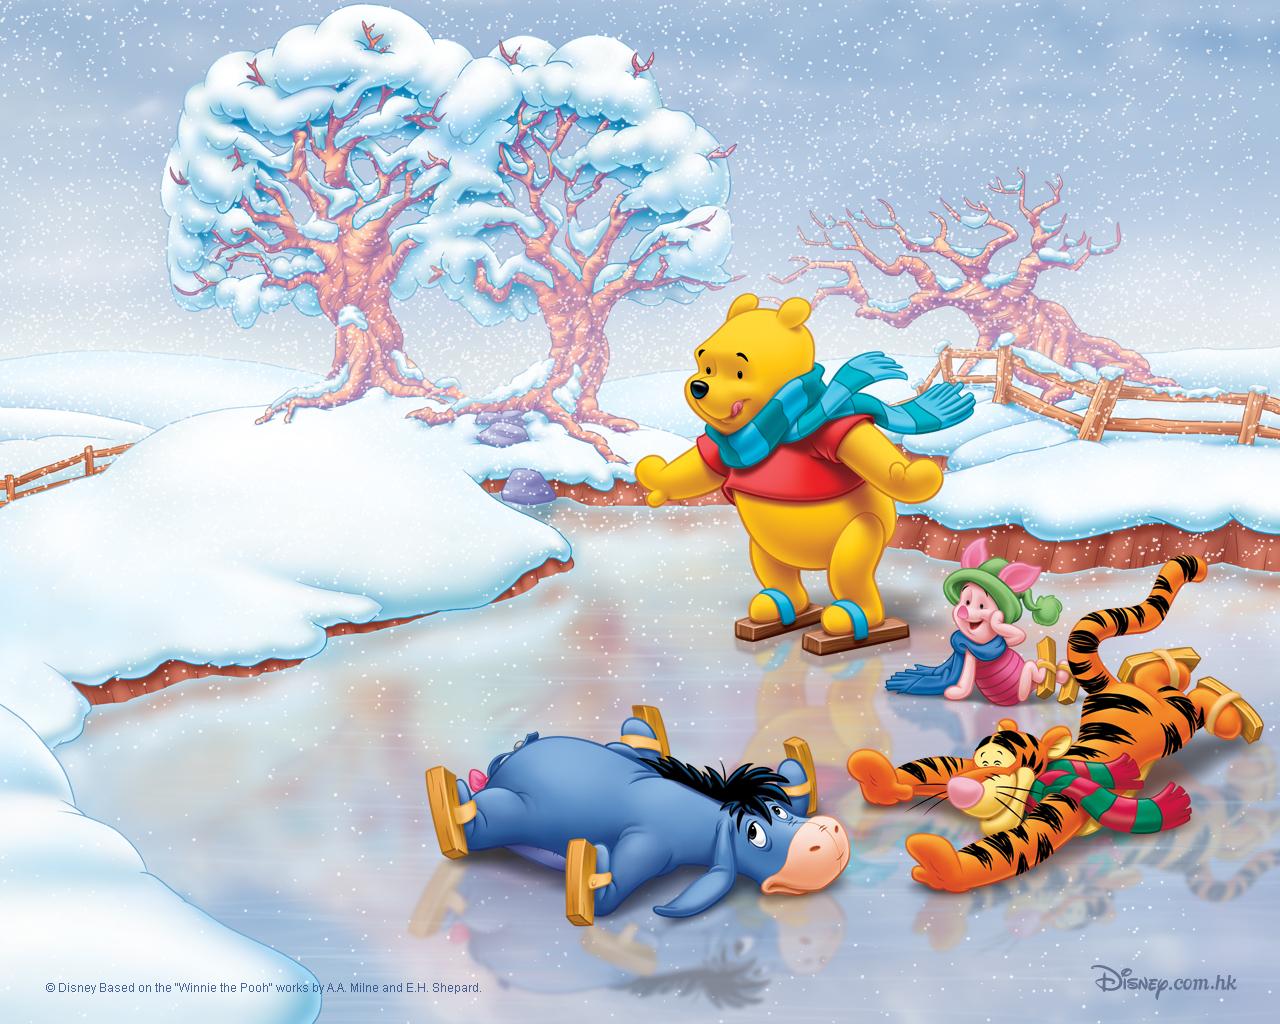 10868 Salvapantallas y fondos de pantalla Imágenes en tu teléfono. Descarga imágenes de Dibujos Animados, Invierno, Hielo, Nieve, Imágenes, Winnie The Pooh gratis